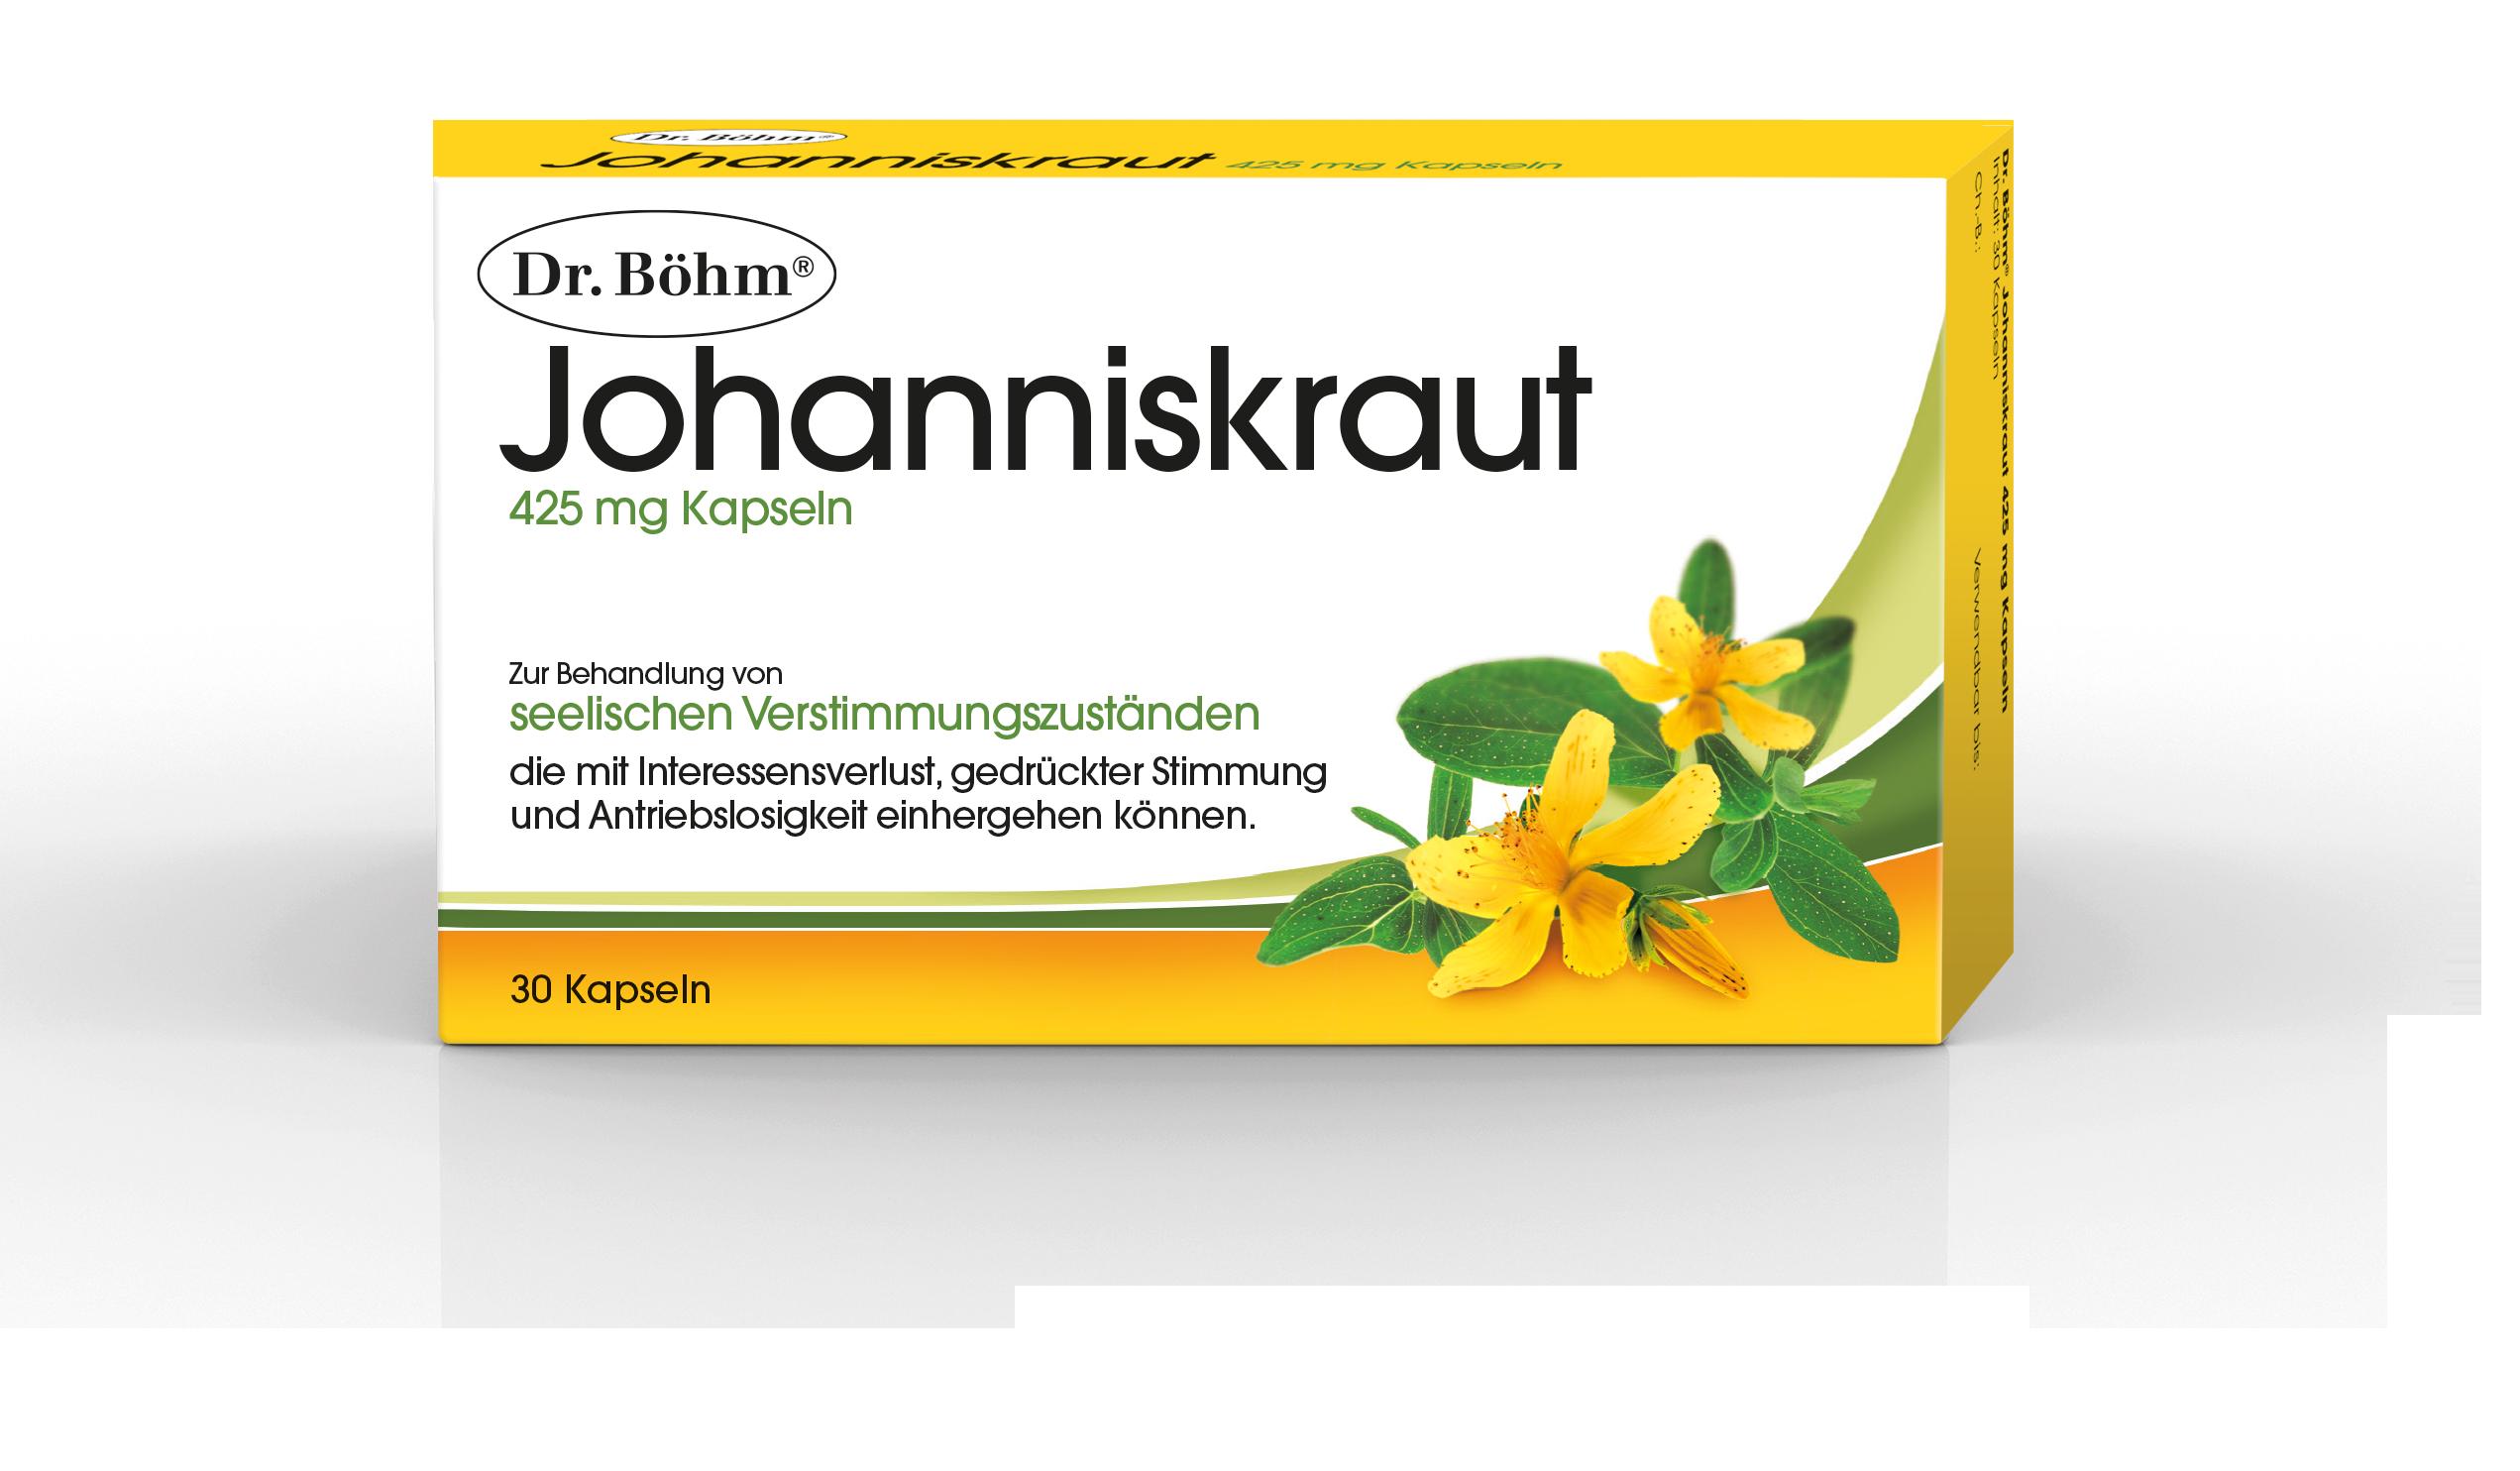 Dr. Böhm® Johanniskraut - Verstimmungszustände, Depression